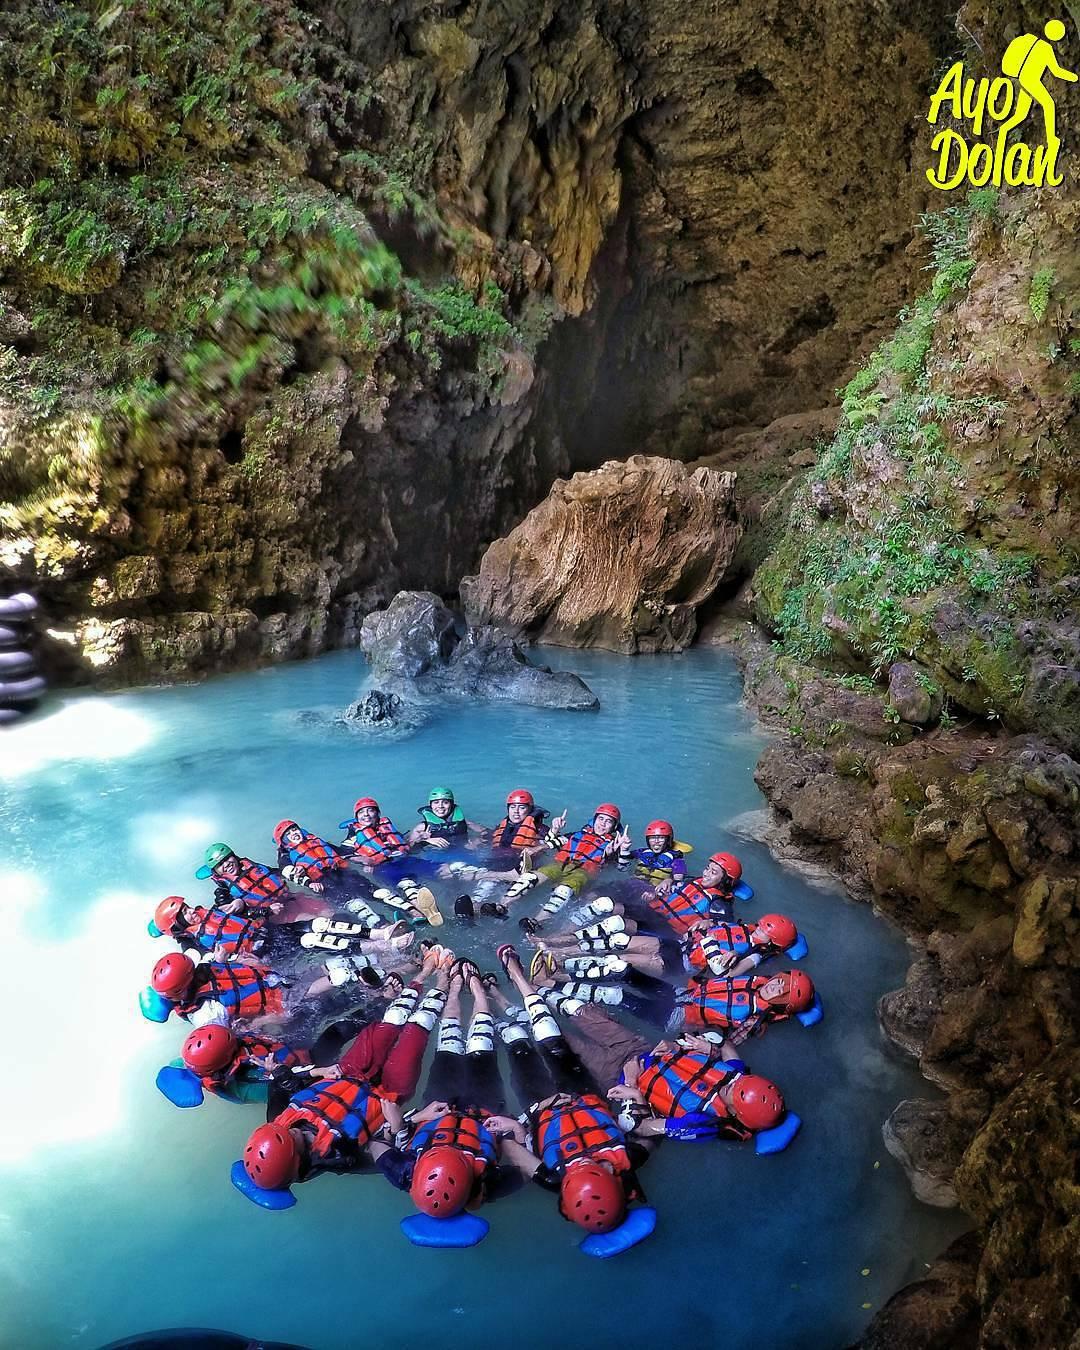 100 Wisata Jogja Gunungkidul Inikah Kamu Cari Cave Tubing Kalisuci